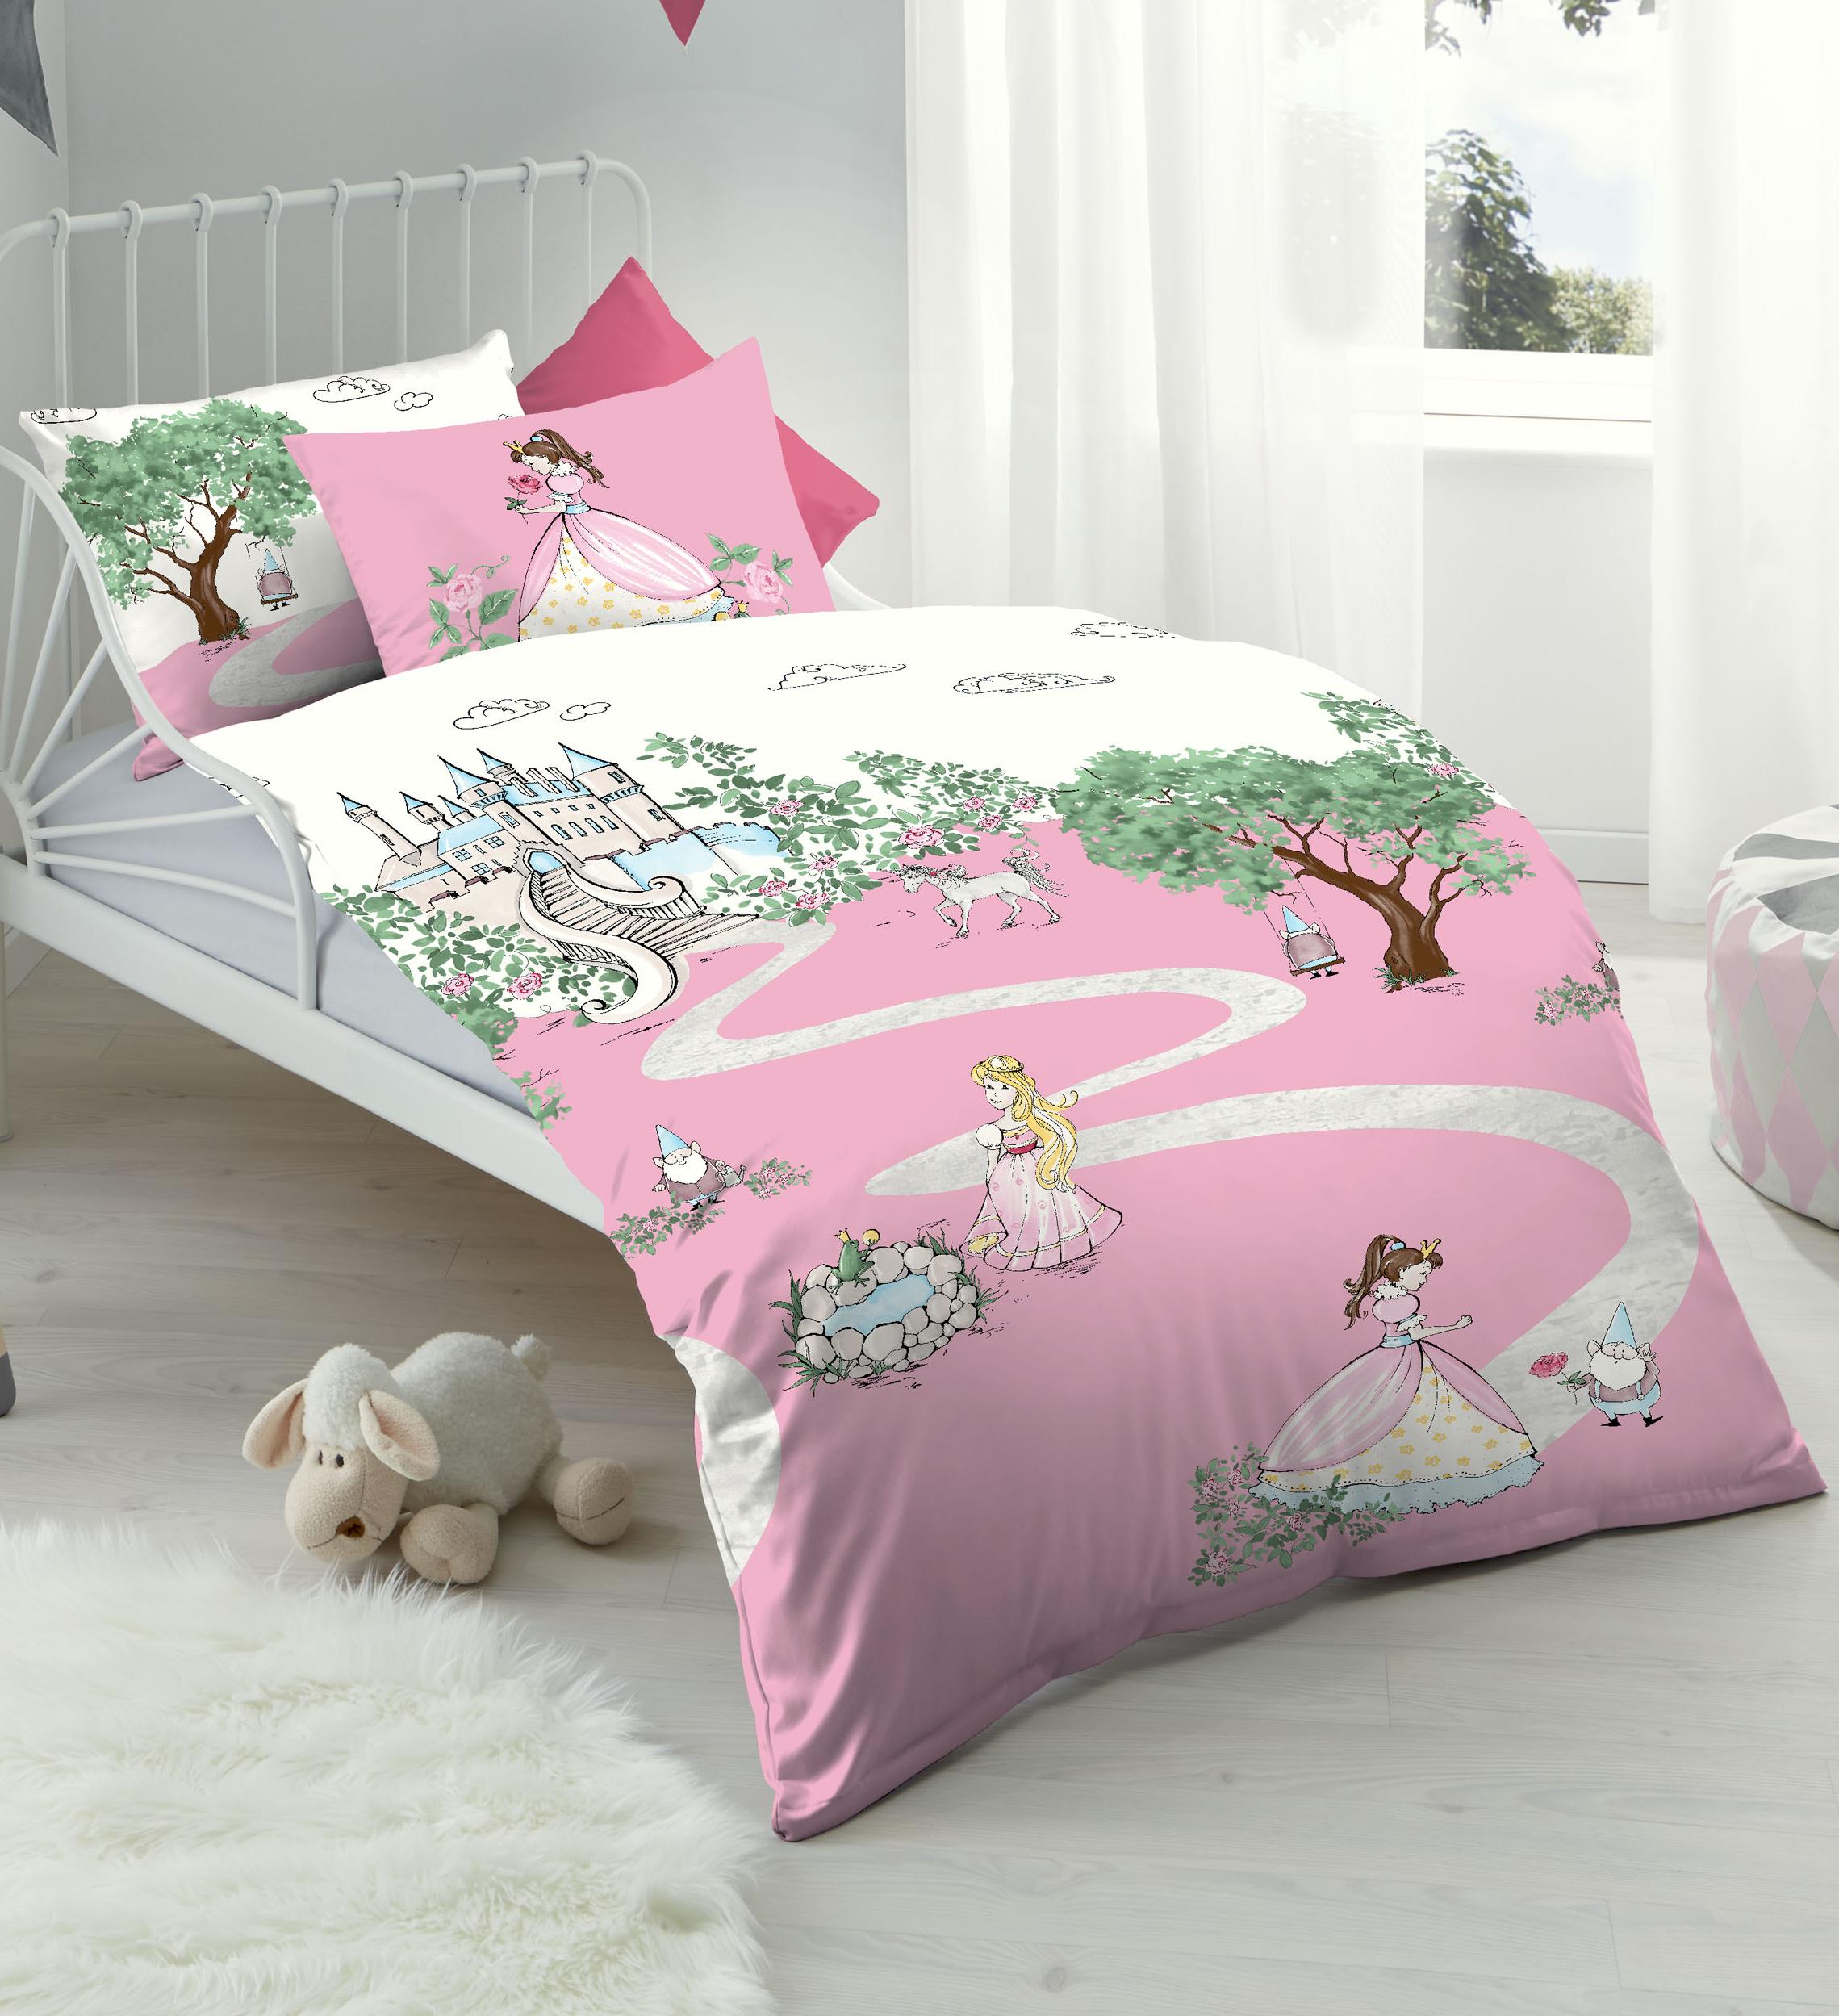 kaeppel biber feinbiber bettw sche es war einmal 100x135 aufbewahrungsbeutel 4251446502610 ebay. Black Bedroom Furniture Sets. Home Design Ideas